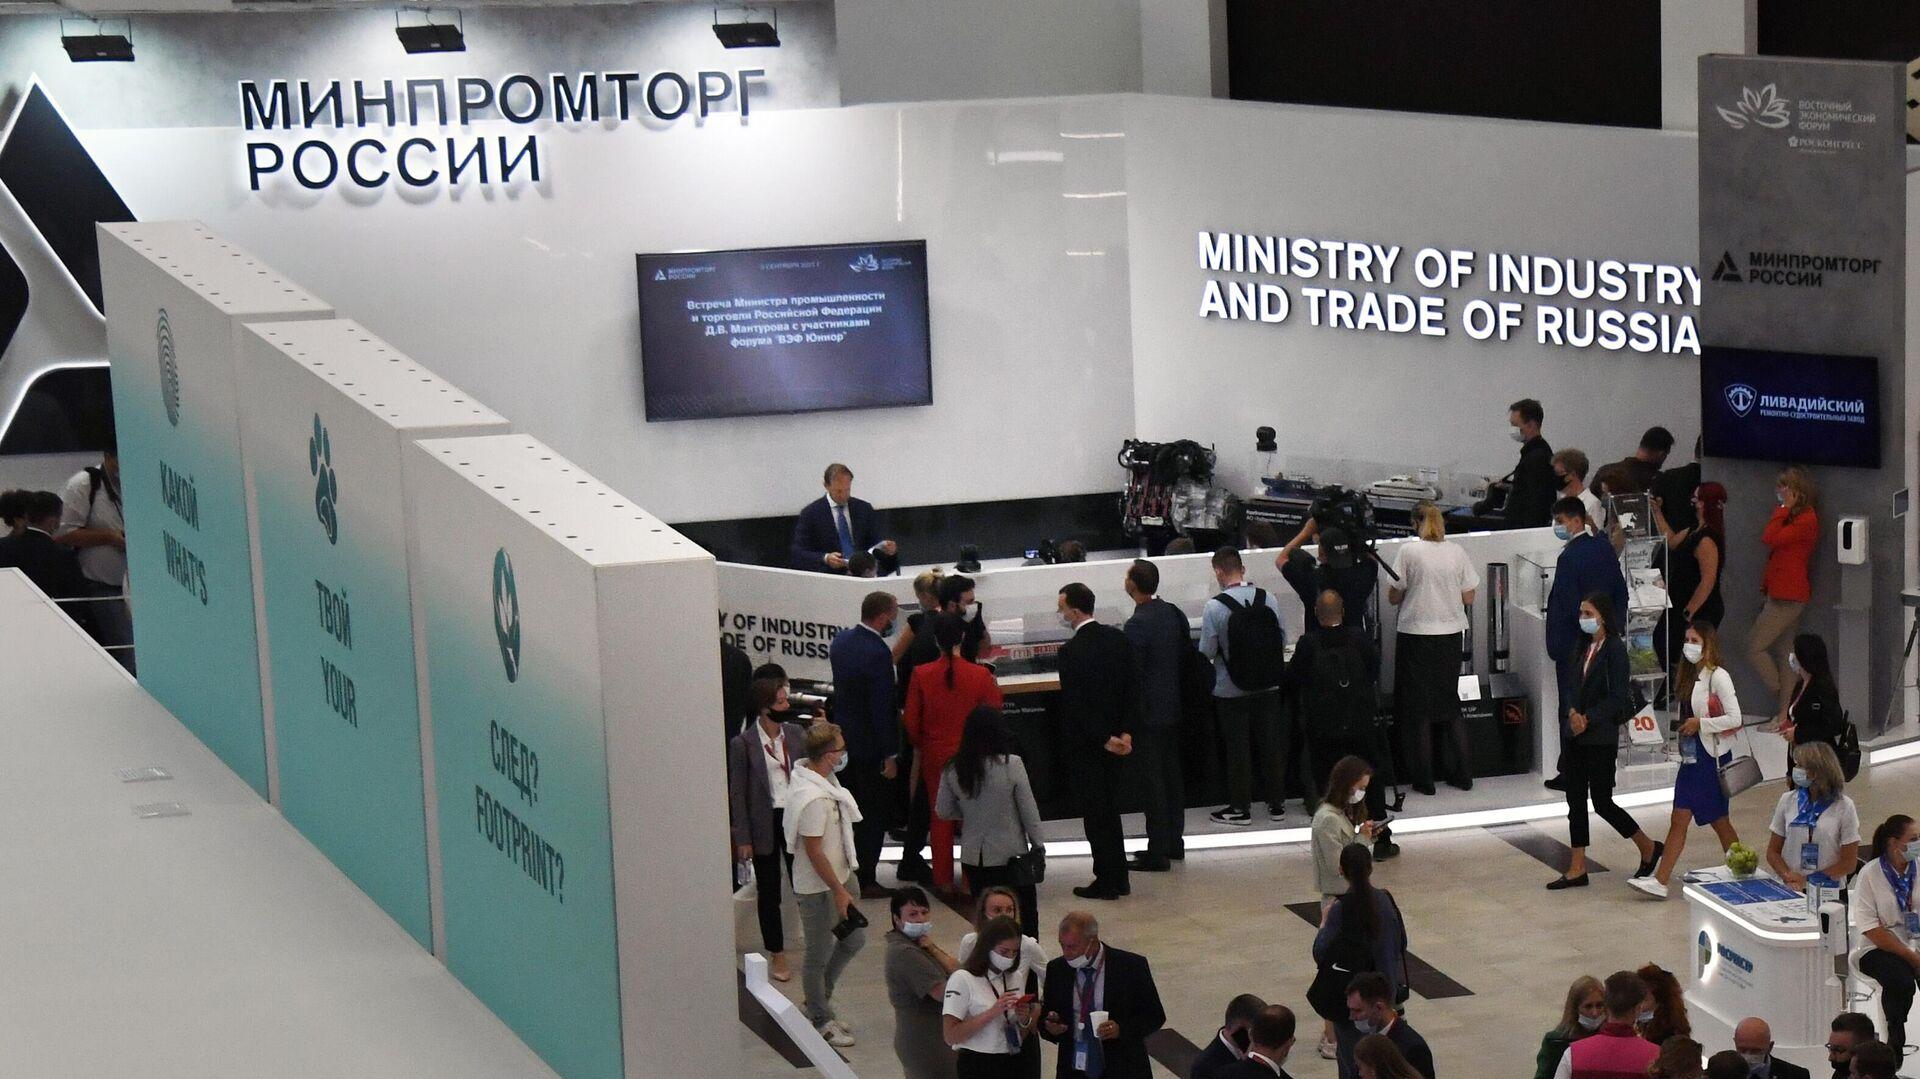 Аэропорт Владивостока обслужил свыше 36 тысяч пассажиров в дни работы ВЭФ